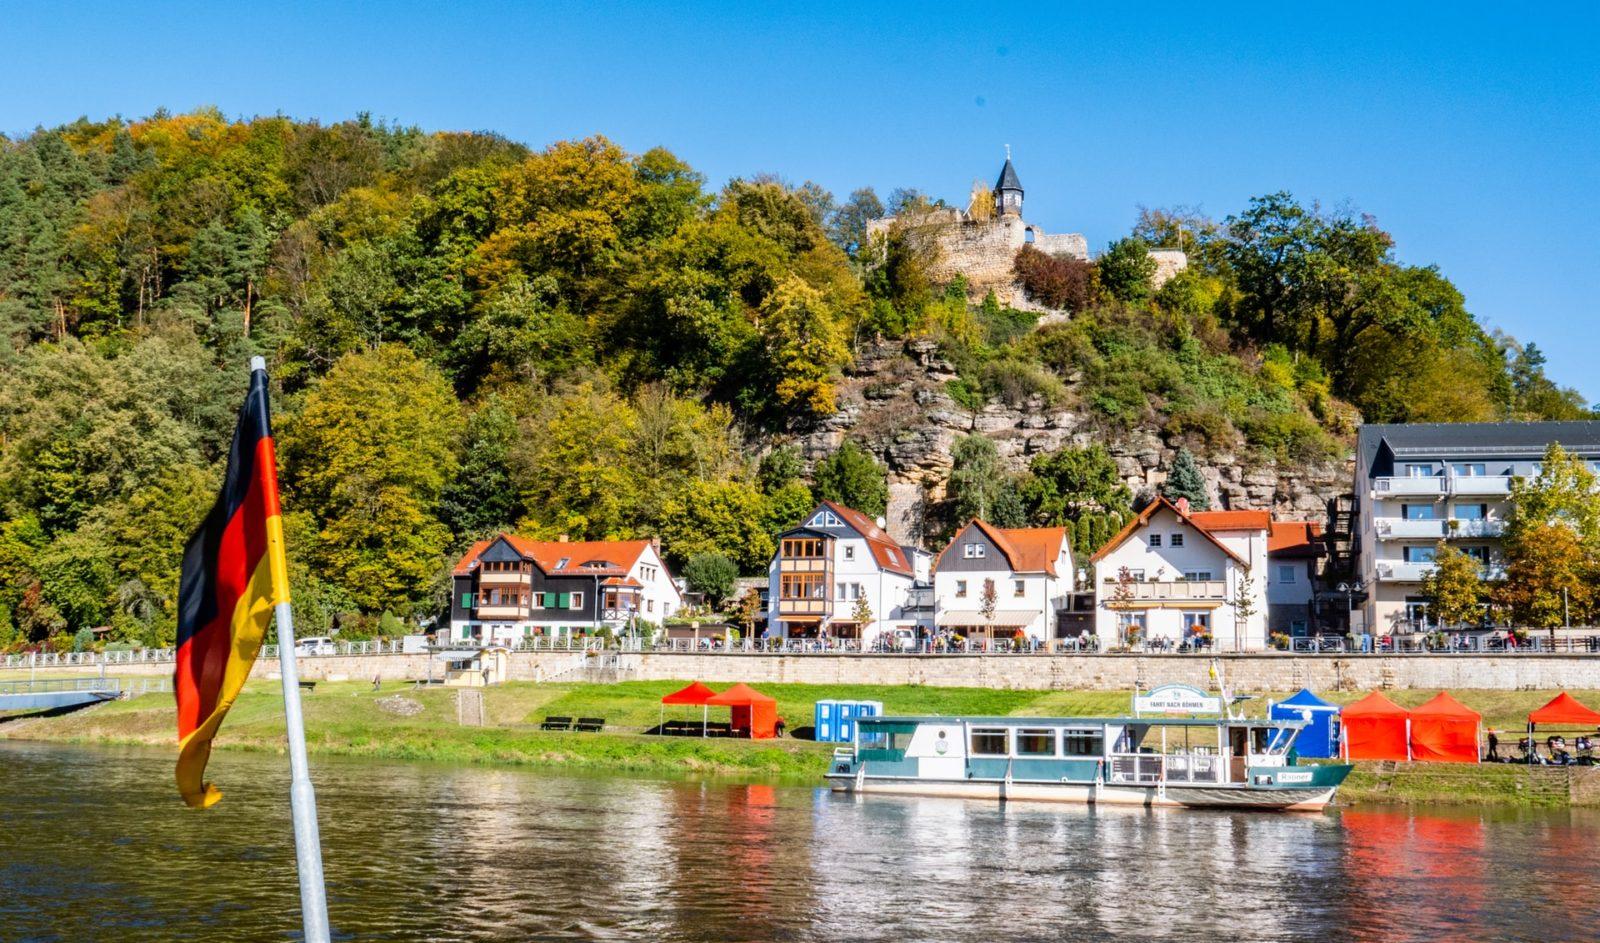 Национальная виза для поездки в Германию: как оформить?